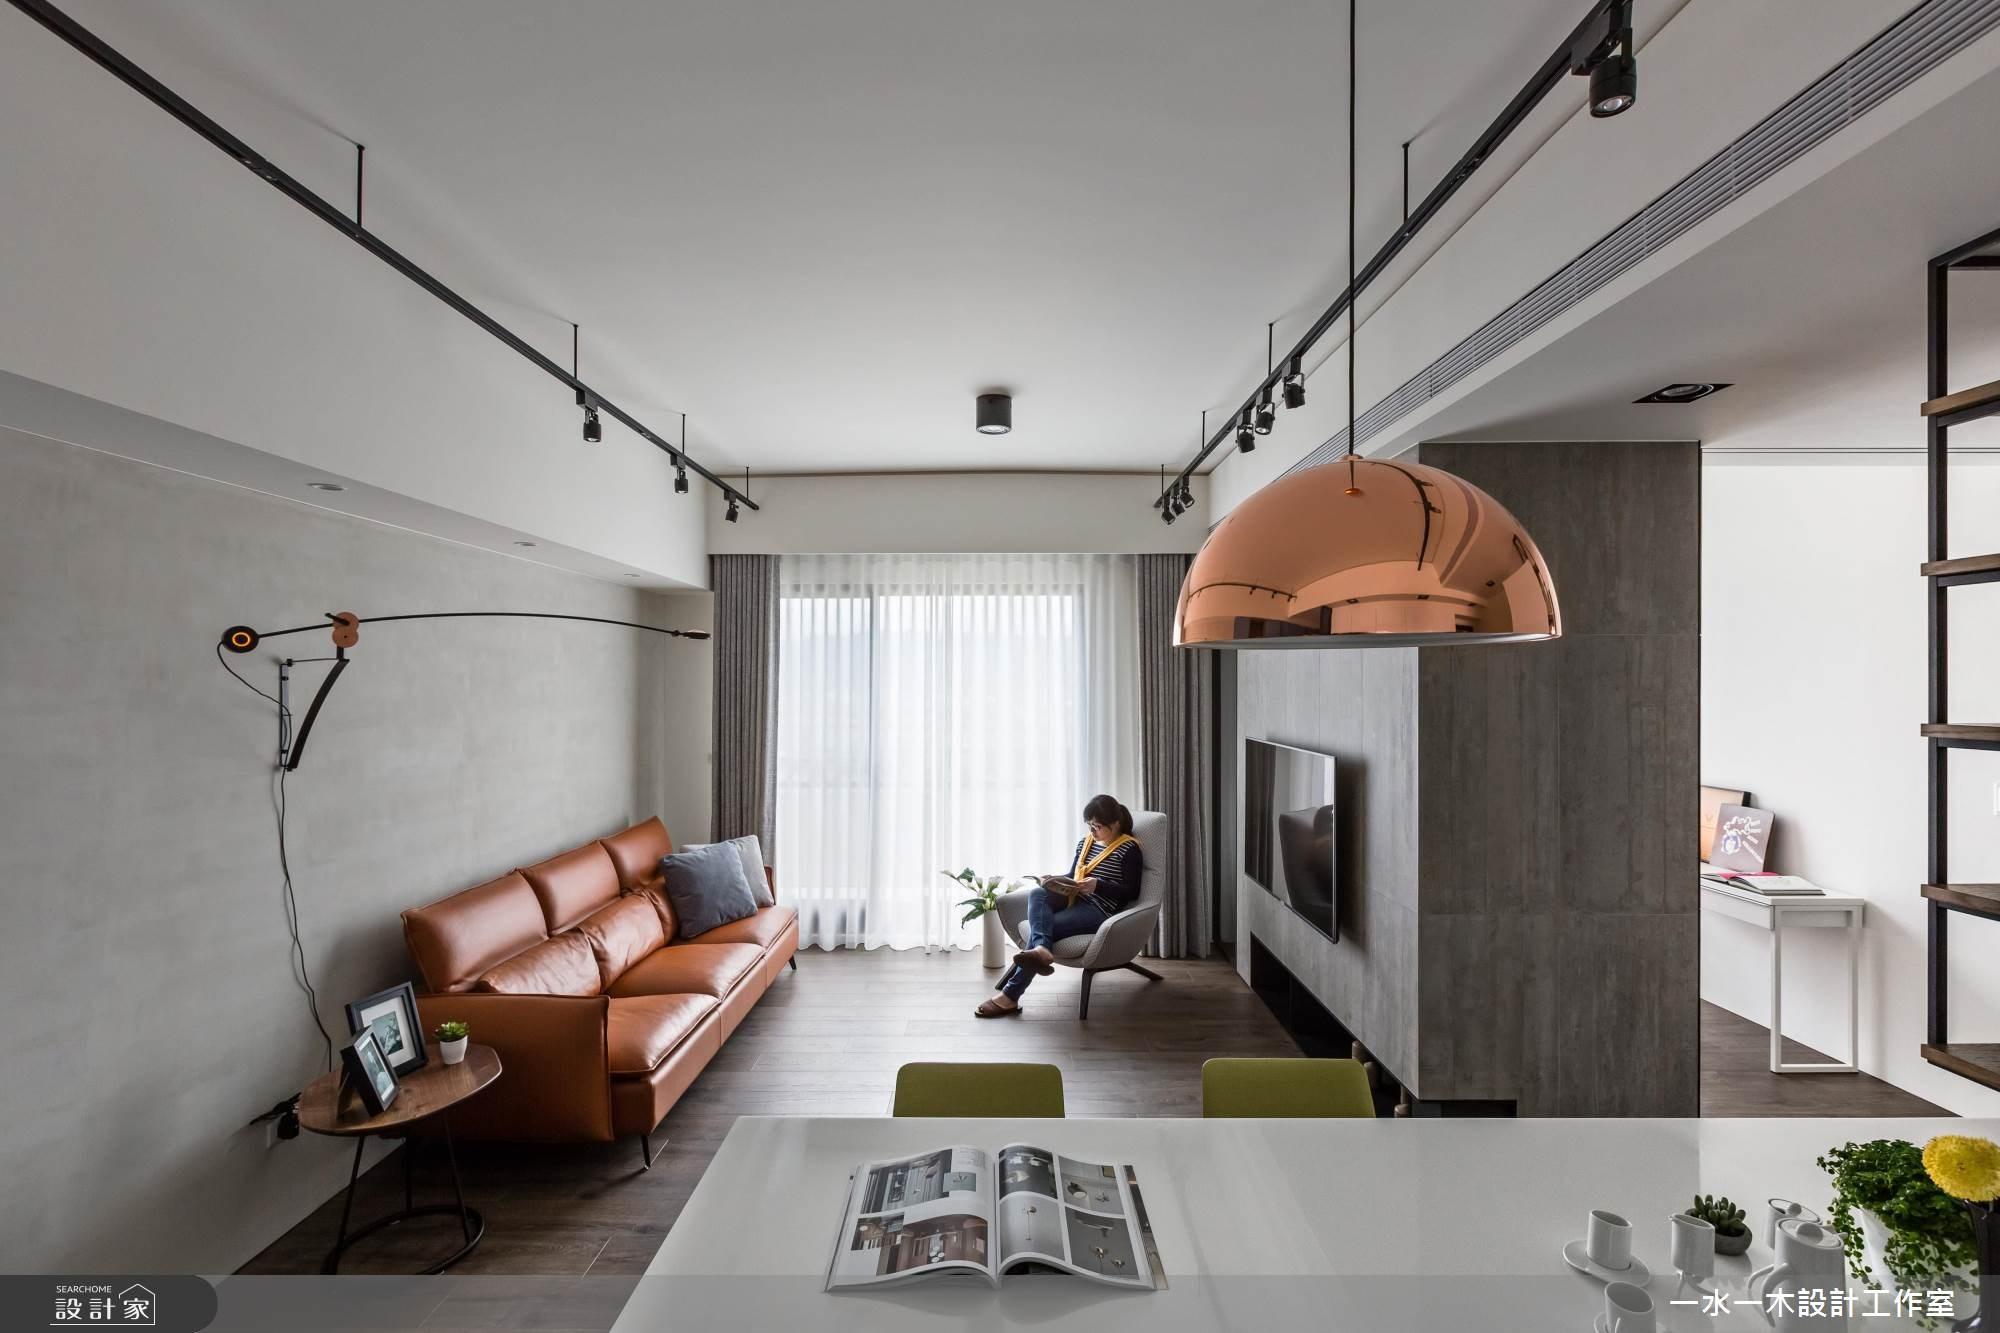 23坪新成屋(5年以下)_工業風客廳案例圖片_一水一木設計工作室_一水一木_34之13